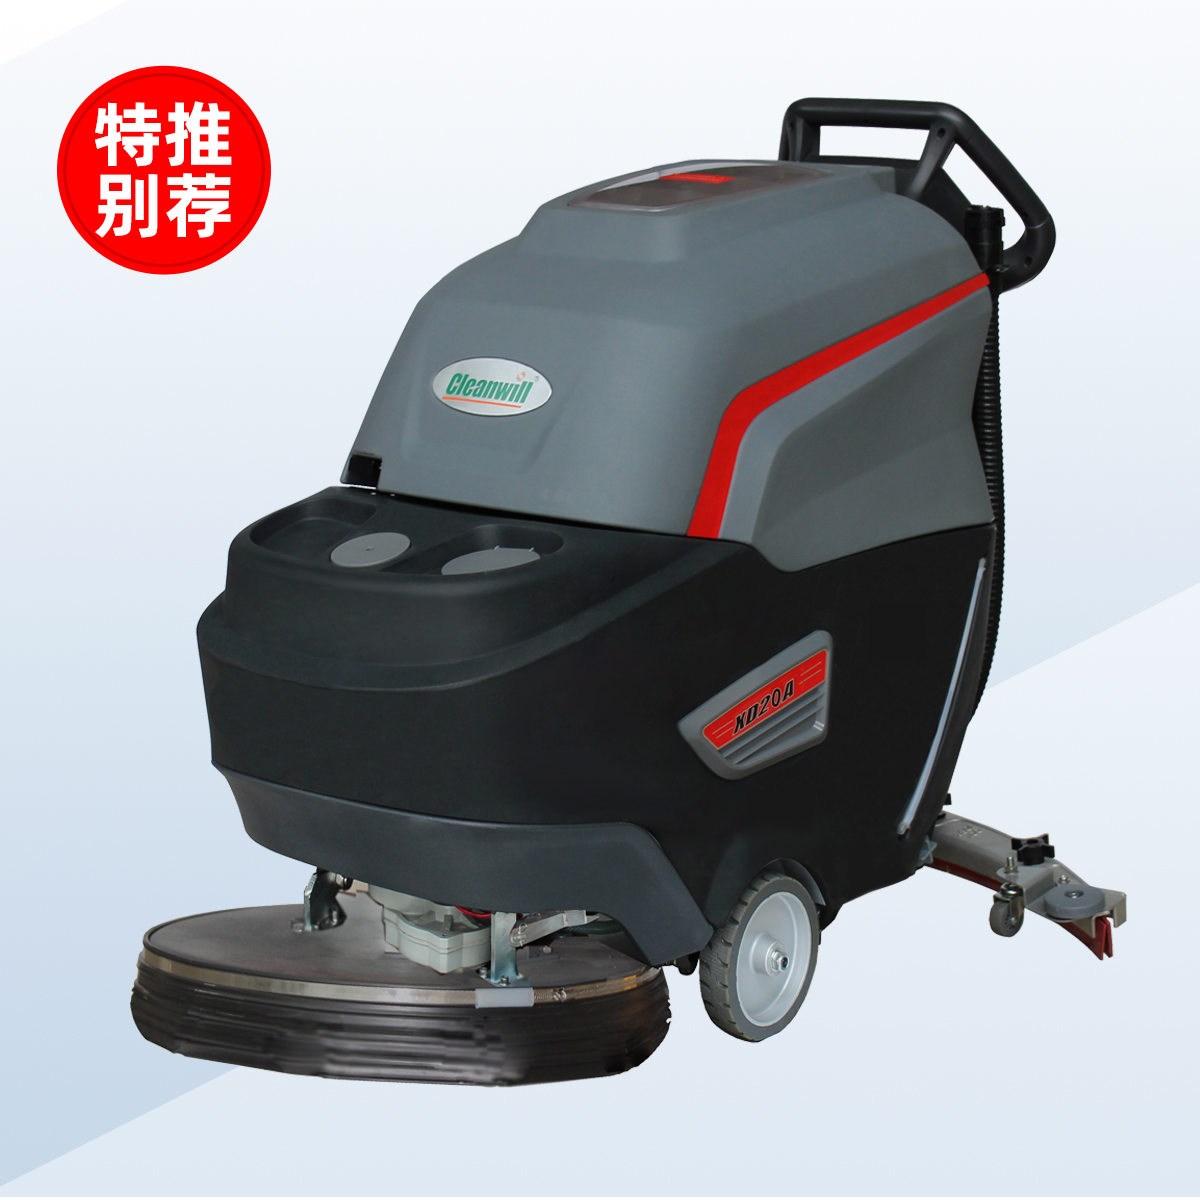 克力威XD20A全自动洗地机